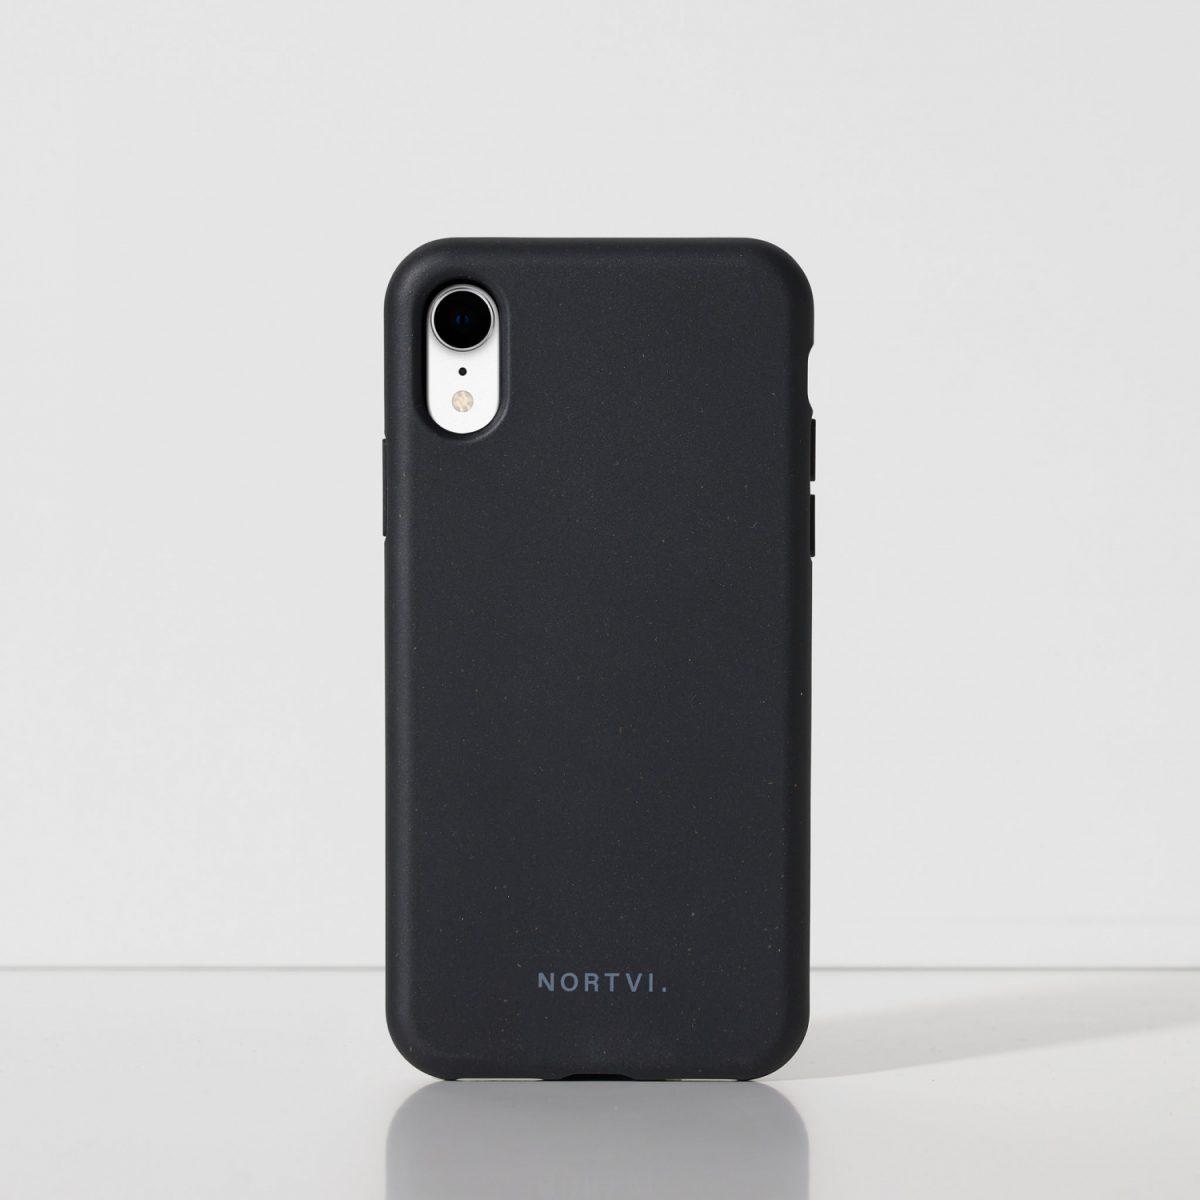 NORTVI black phone case for iPhone XR case